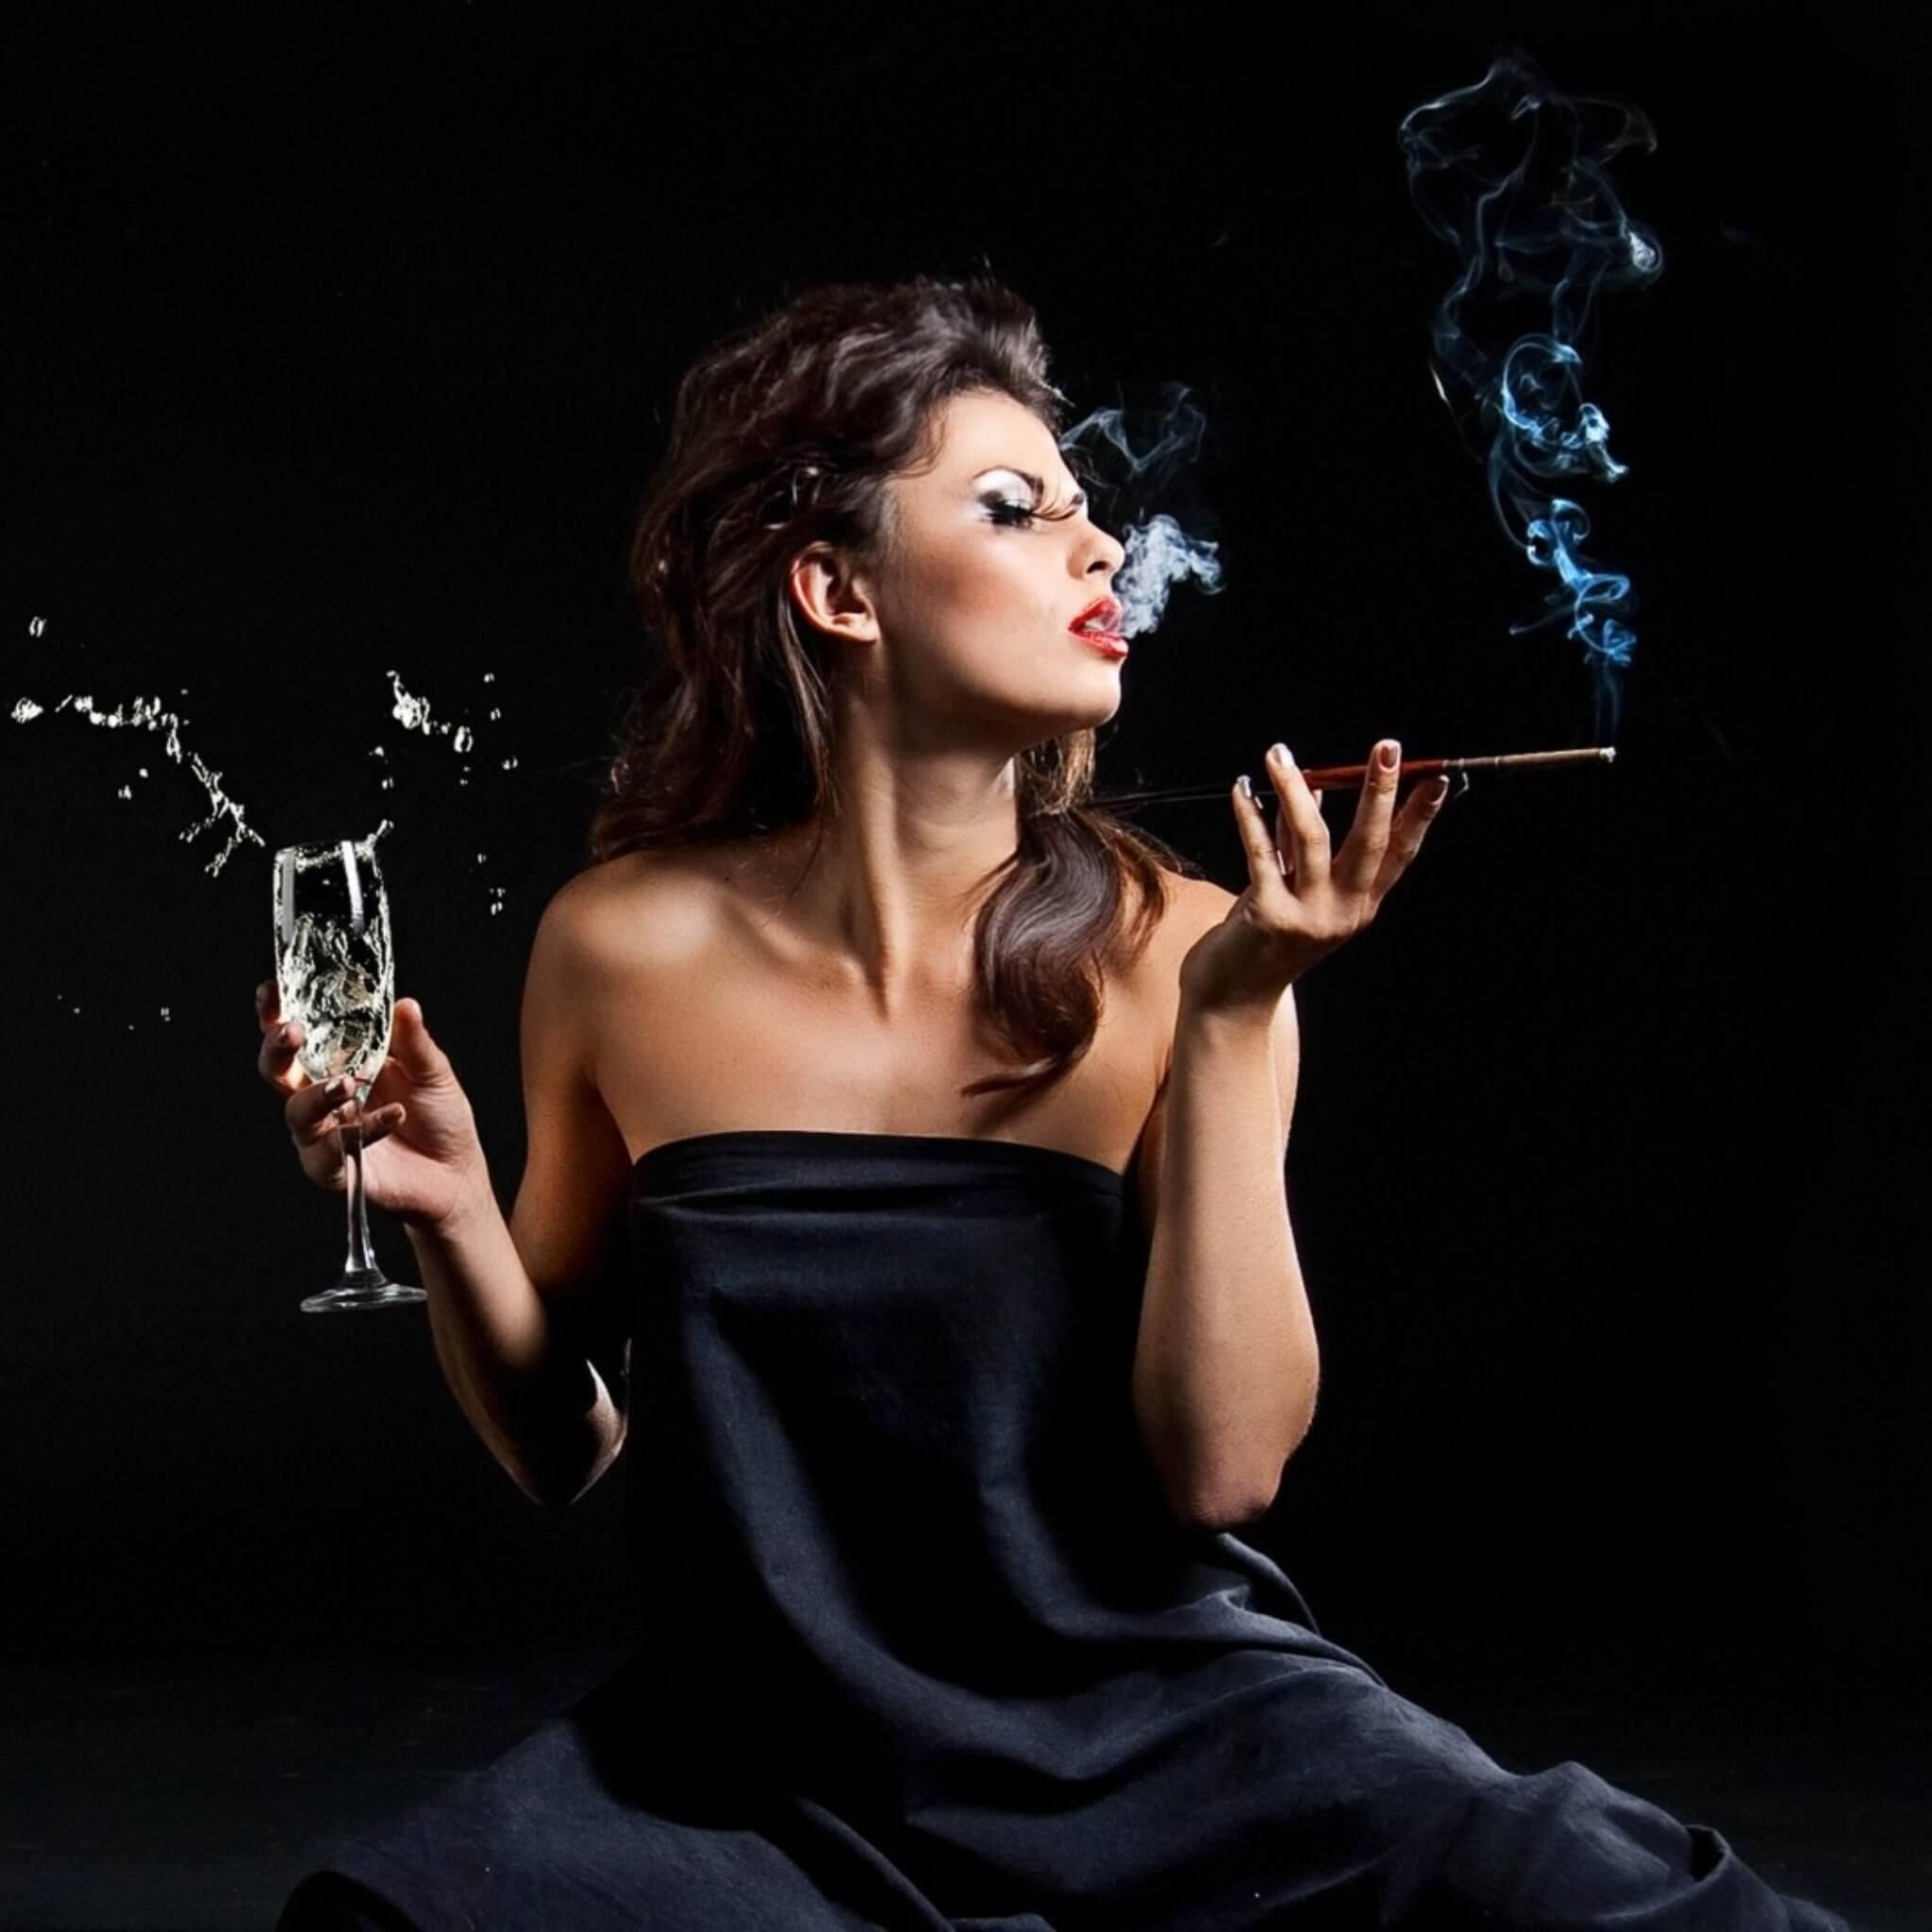 Фото девушки с сигаретой и алкоголем